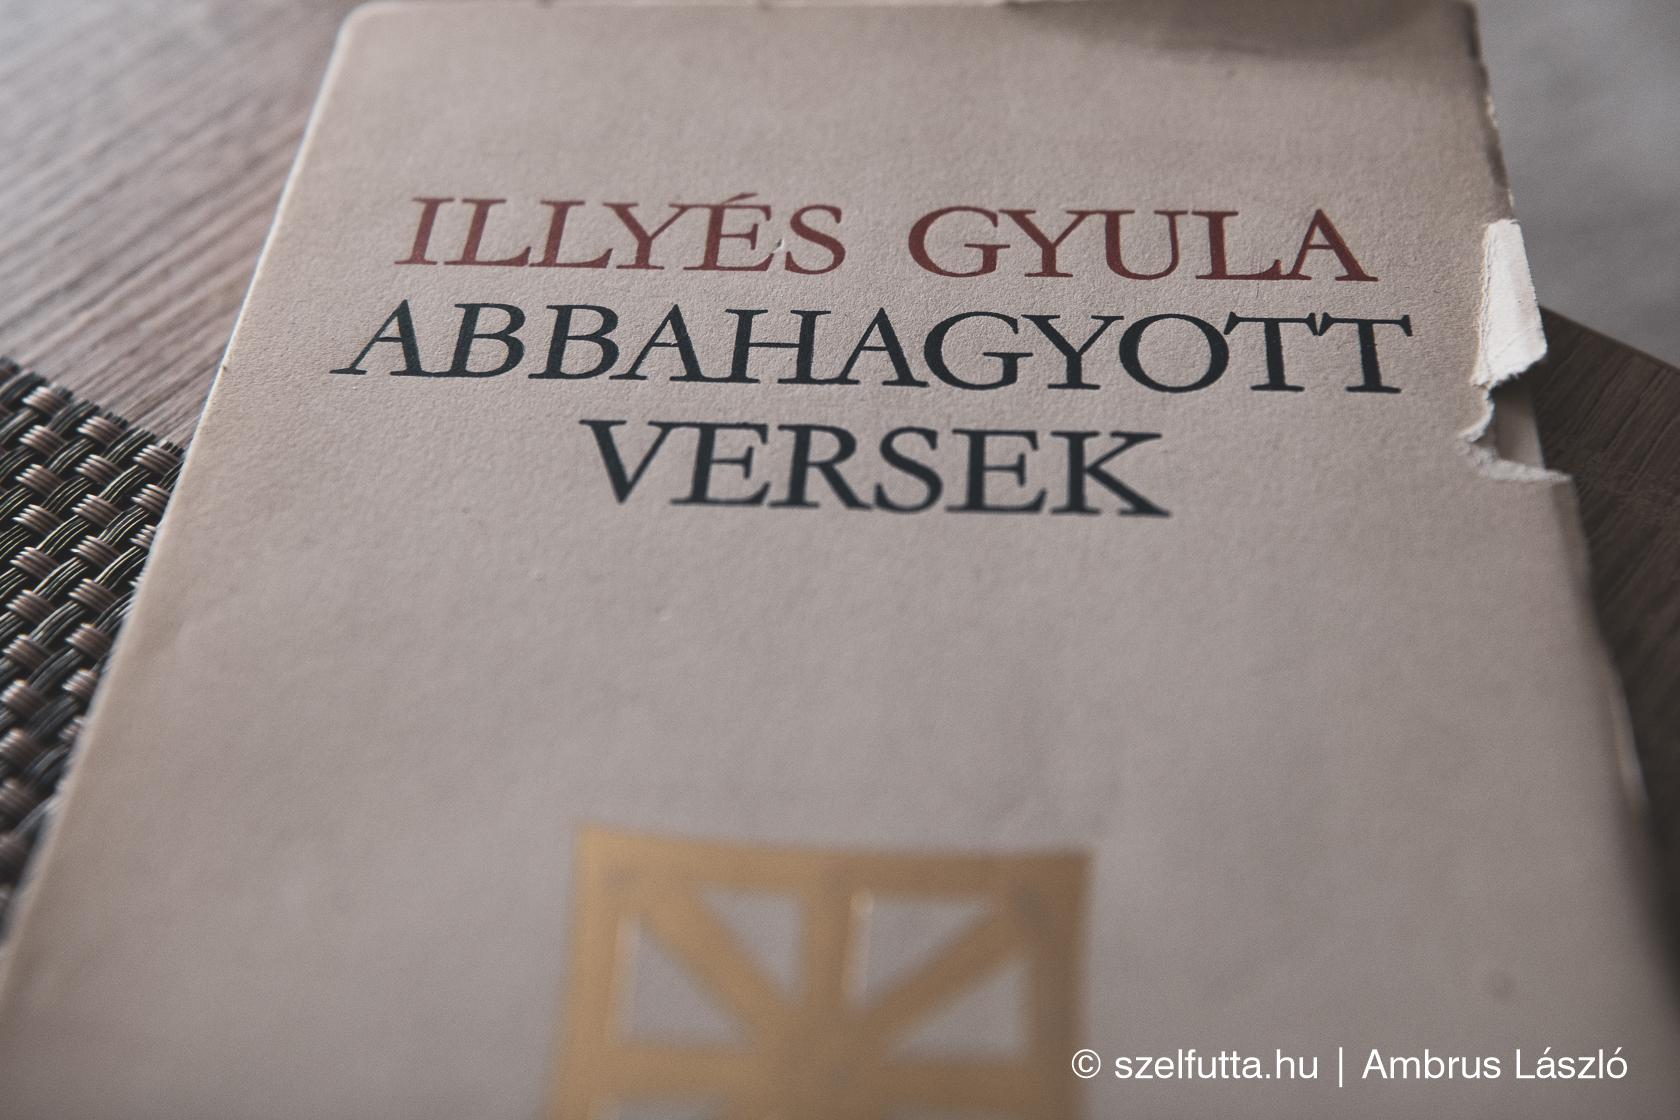 ILLYÉS GYULA - ABBAHAGYOTT VERSEK